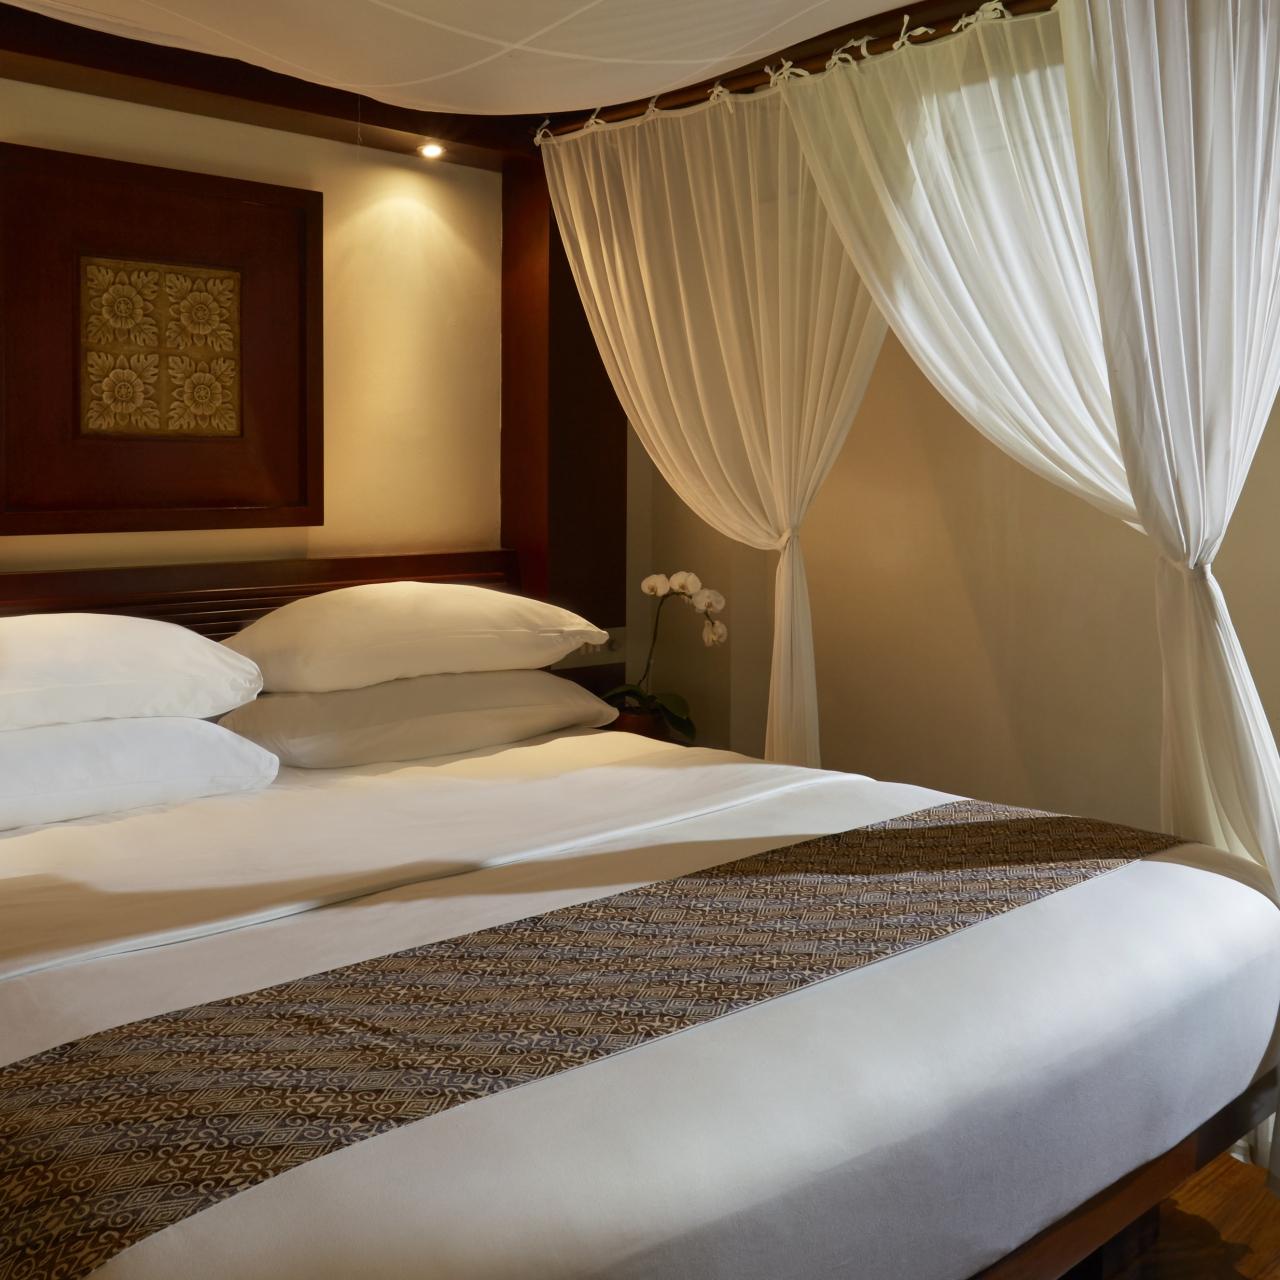 Hotel Melia Bali Indonesia 5 Hrs Star Hotel In Nusa Dua Bali